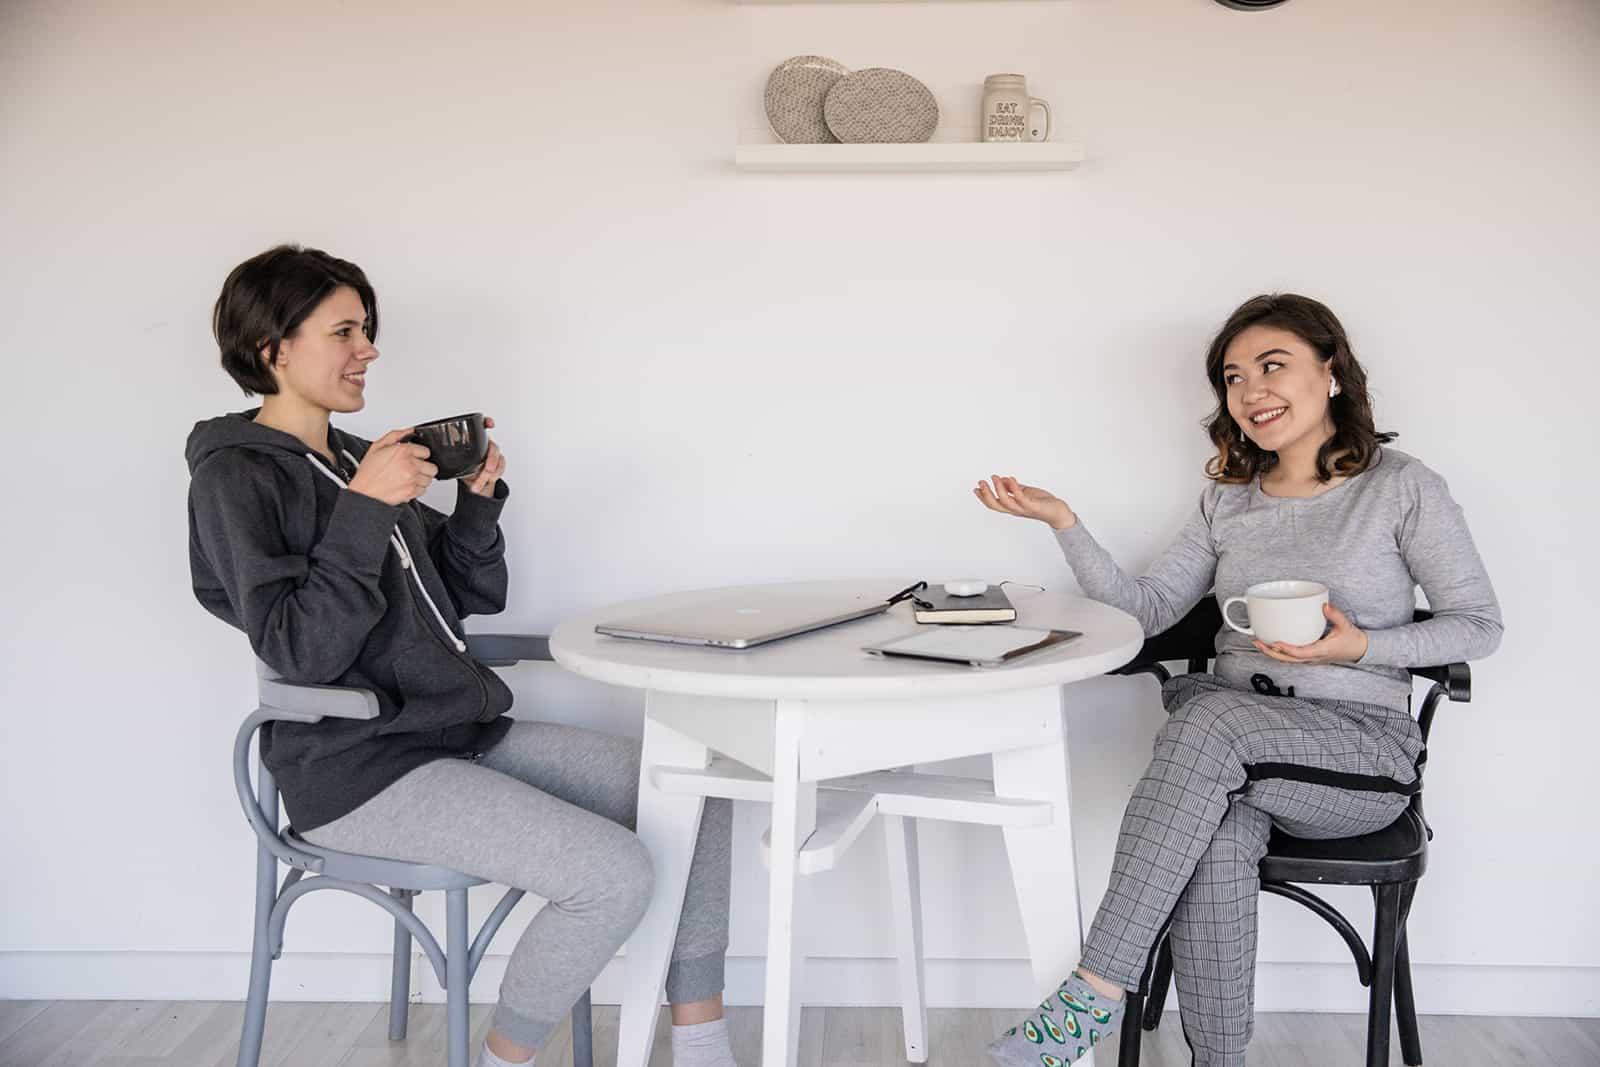 zwei positive Freundinnen, die sich unterhalten und gemeinsam Kaffee trinken